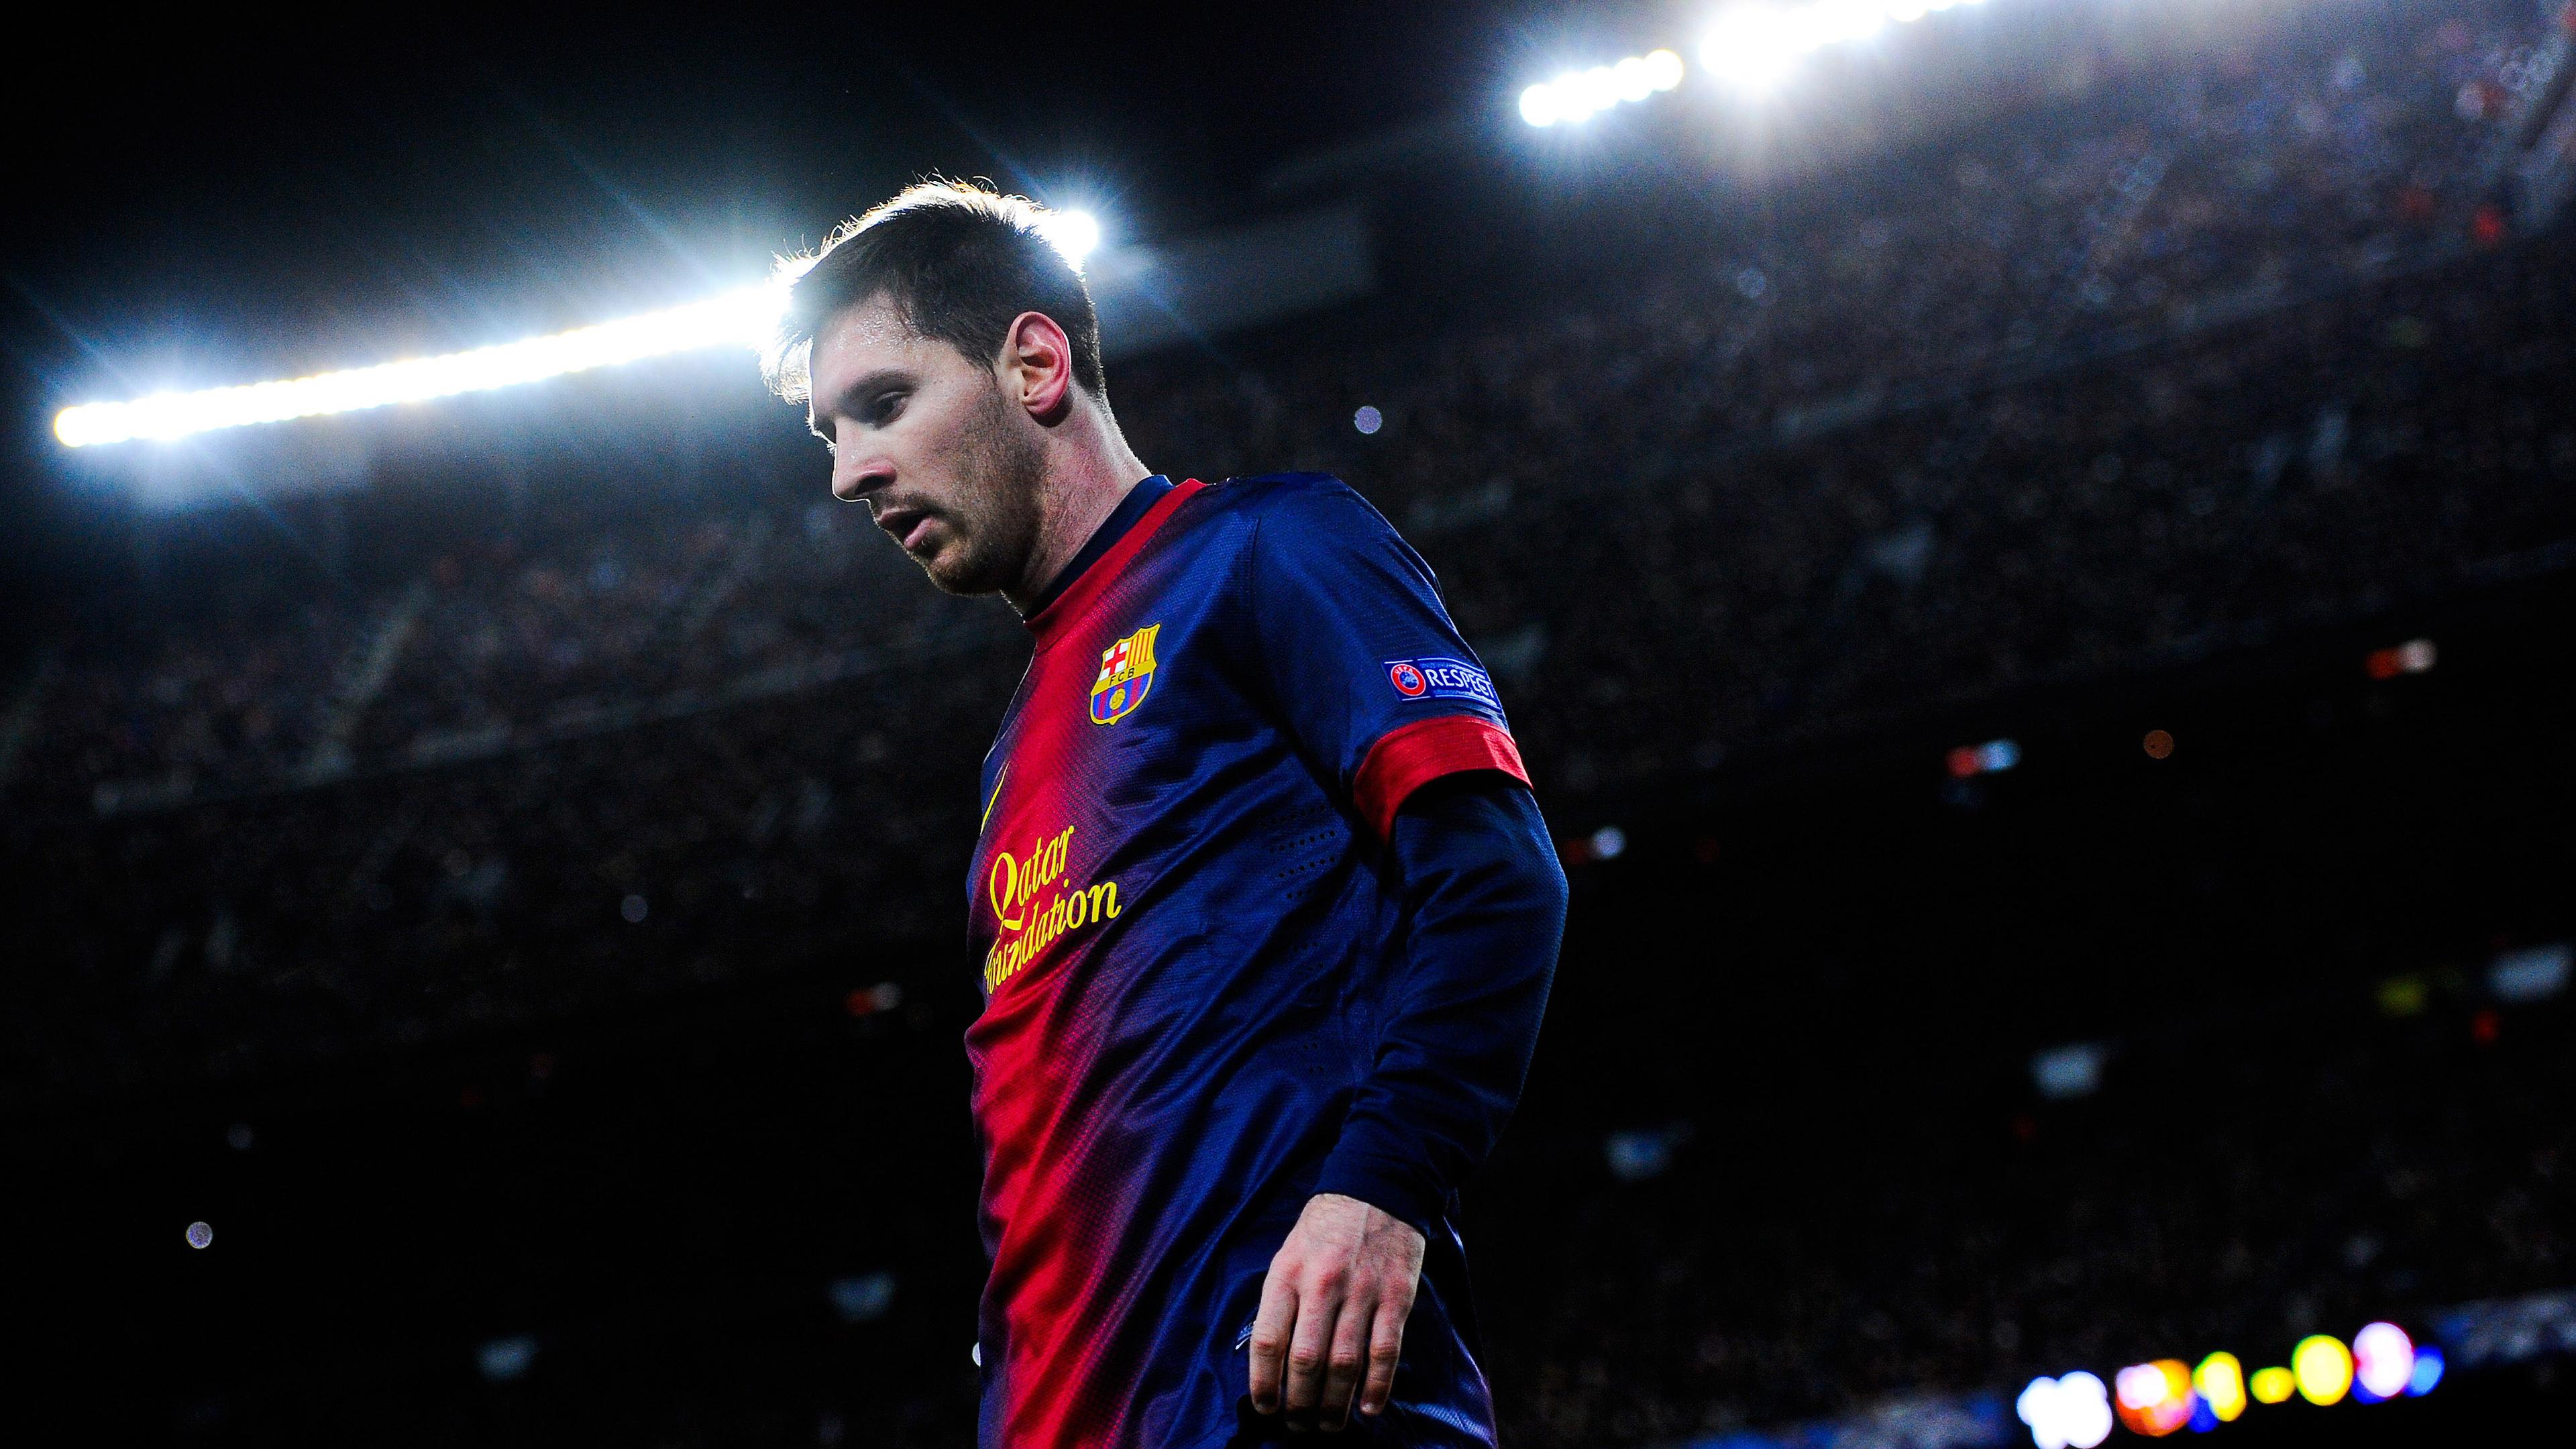 Photos Of Lionel Messi